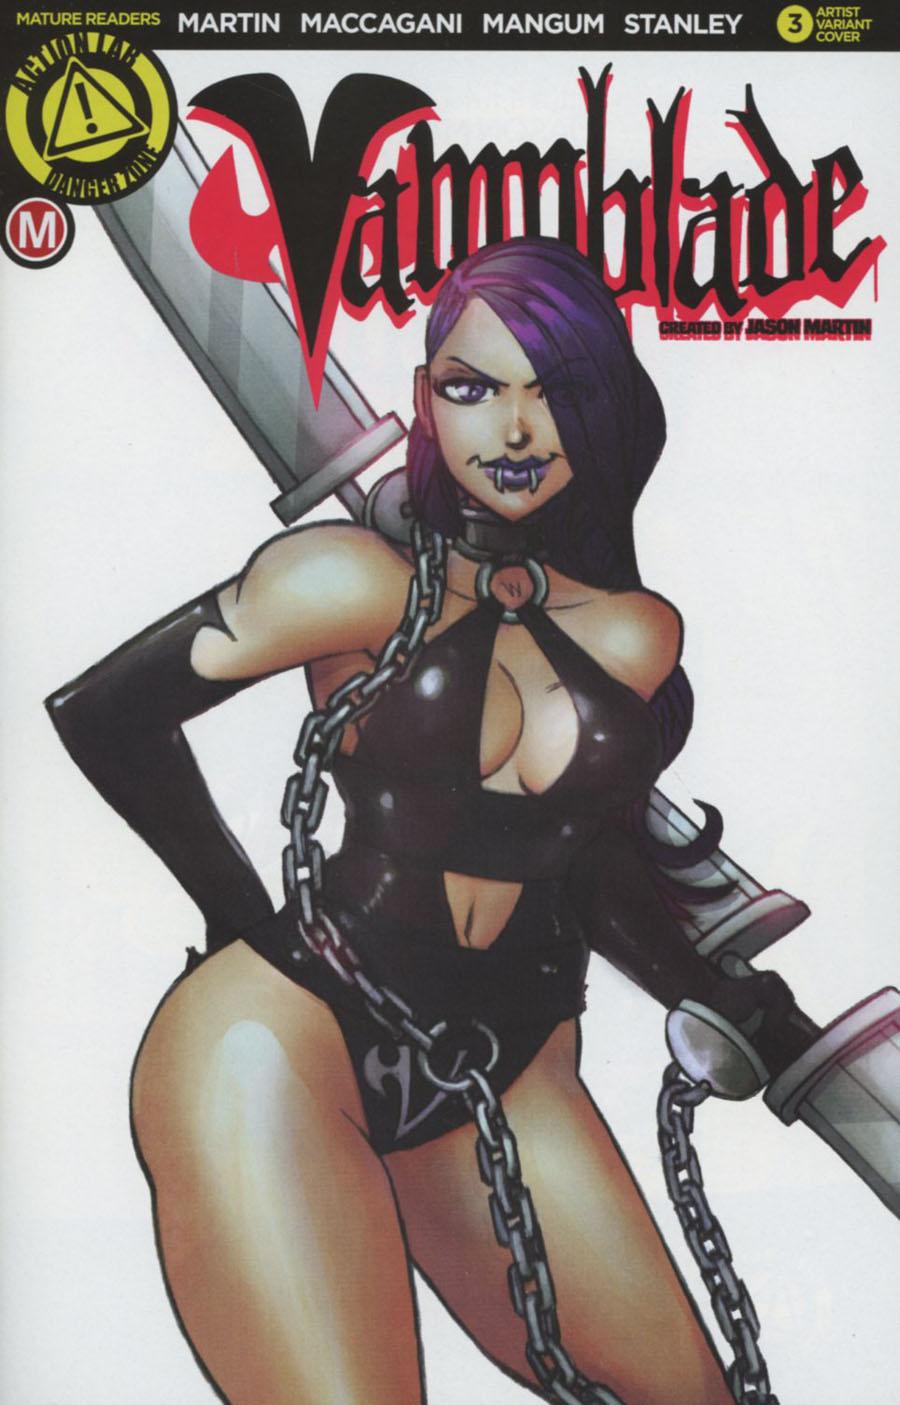 Vampblade #3 Cover C Variant Jason Martin Artist Cover